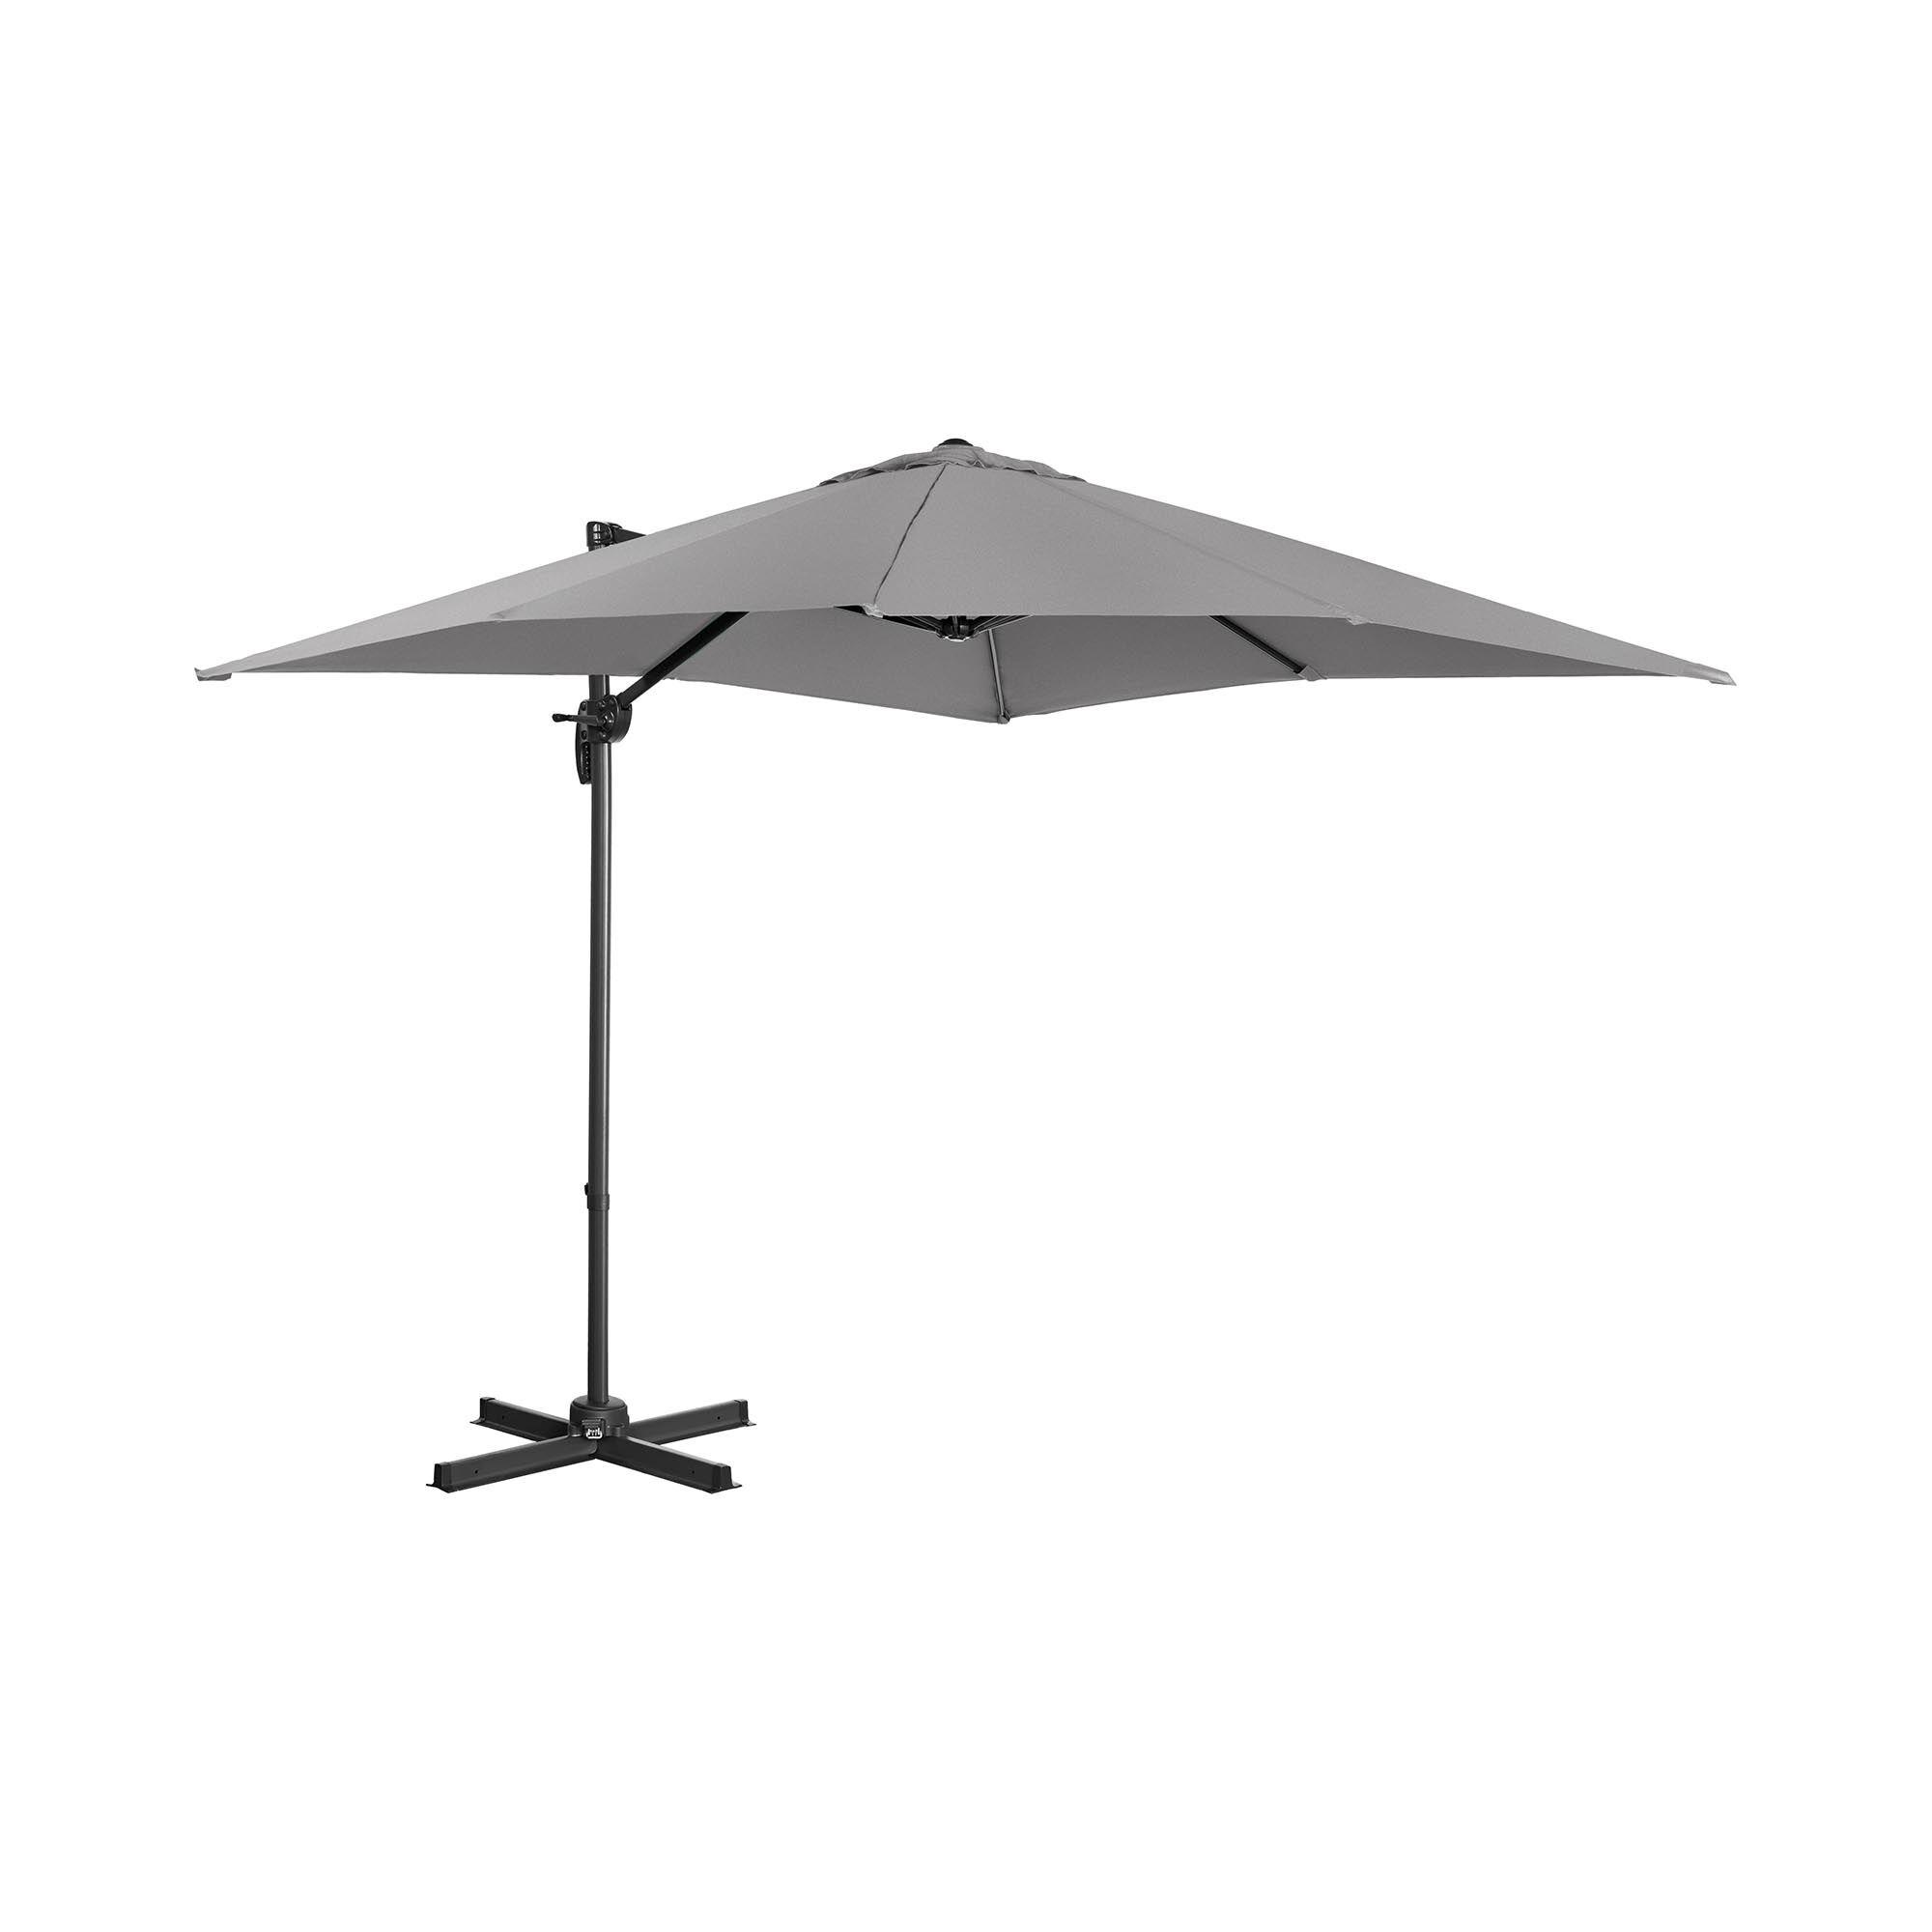 Uniprodo Parasol de jardin - Gris - Carré - 250 x 250 cm - Pivotant UNI_UMBRELLA_2SQ250DG